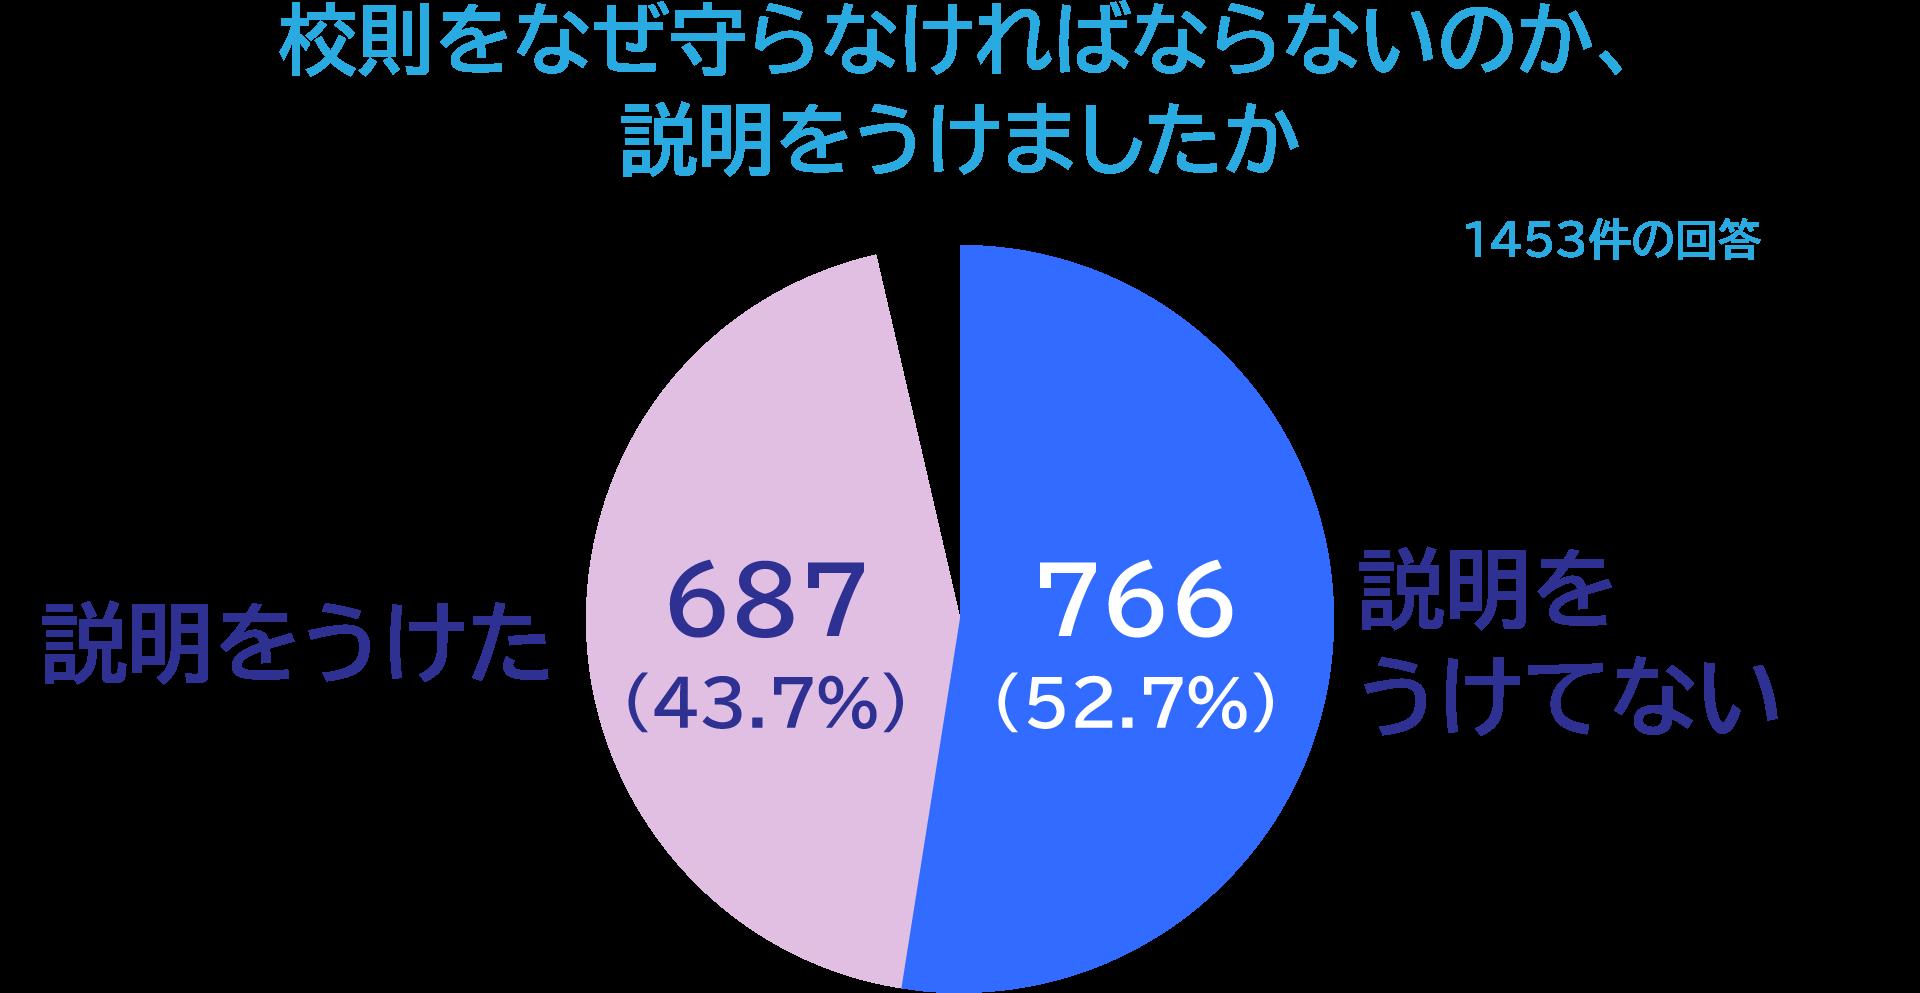 グラフ「校則をなぜ守らなければならないのか、説明をうけましたか」1453件の回答。「説明をうけてない」766人(52.7%)「説明をうけた」687人(43.7%)